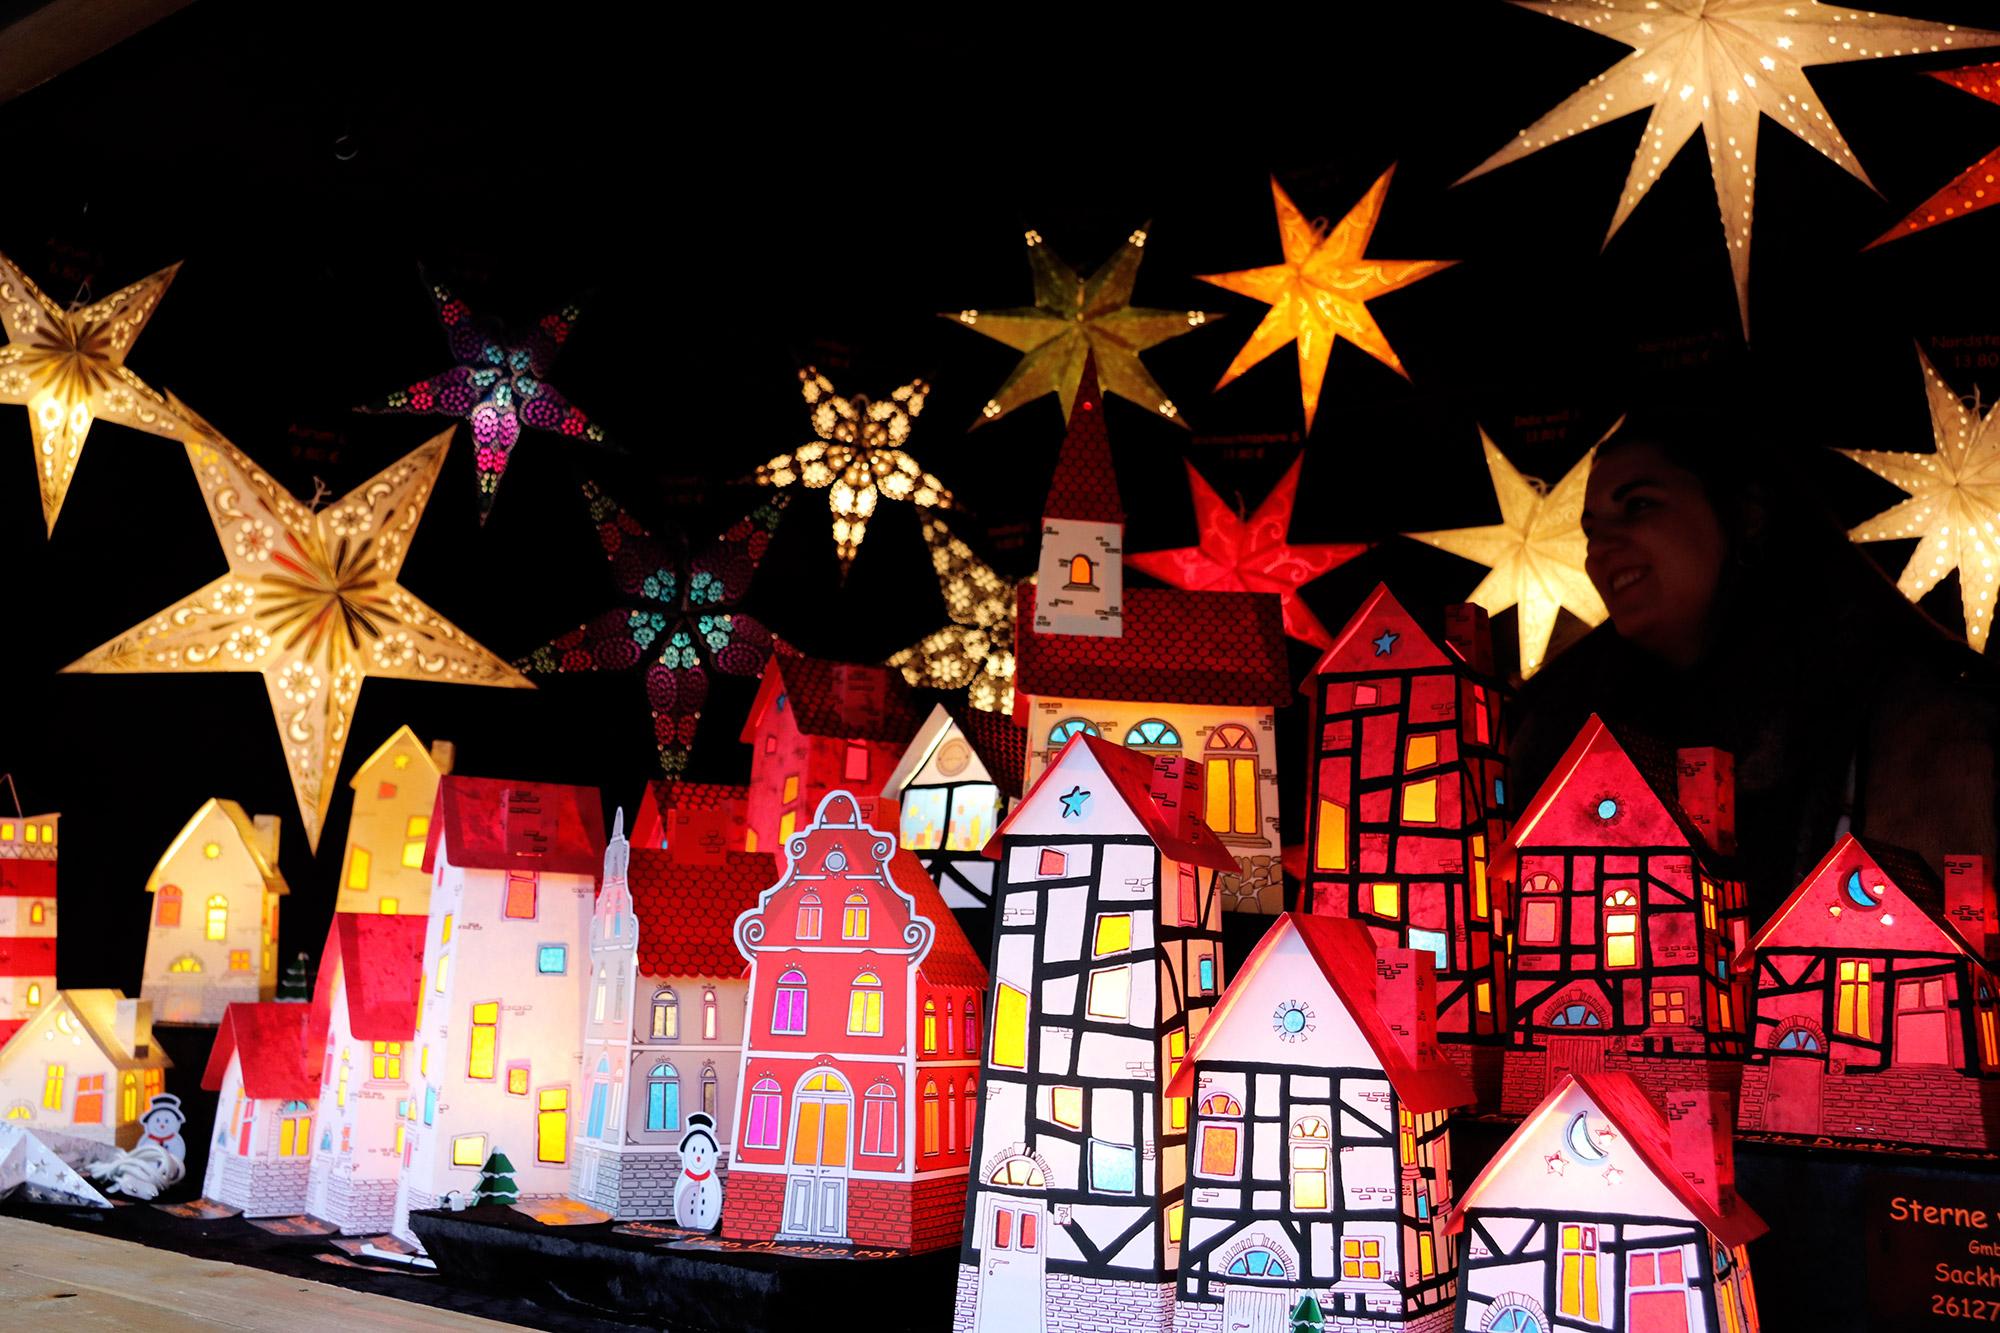 Oberhausen kerstmarkt, mijn tips - Lichthuisjes